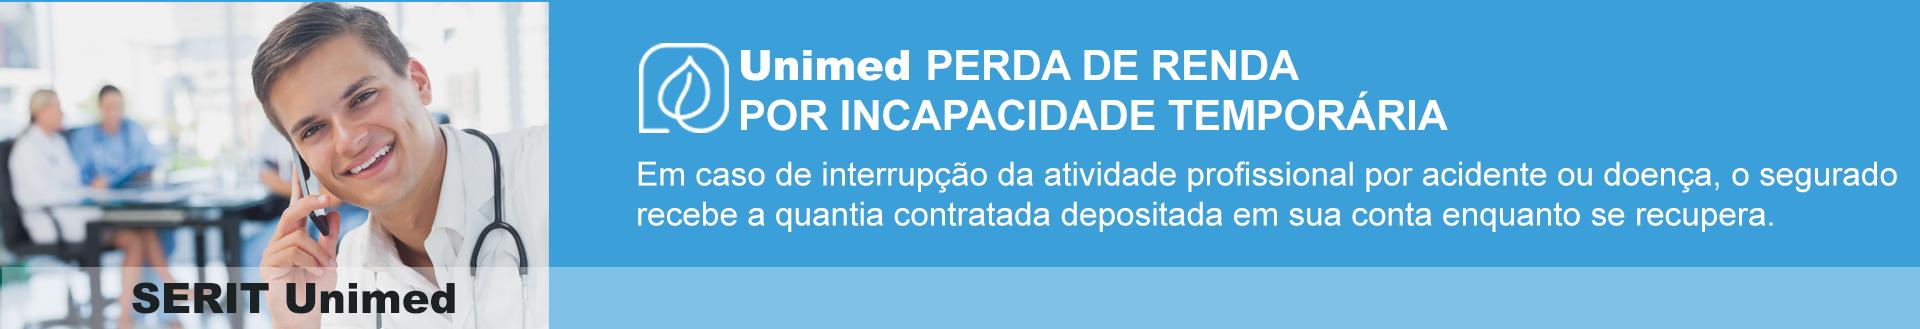 slide_serit_interna2